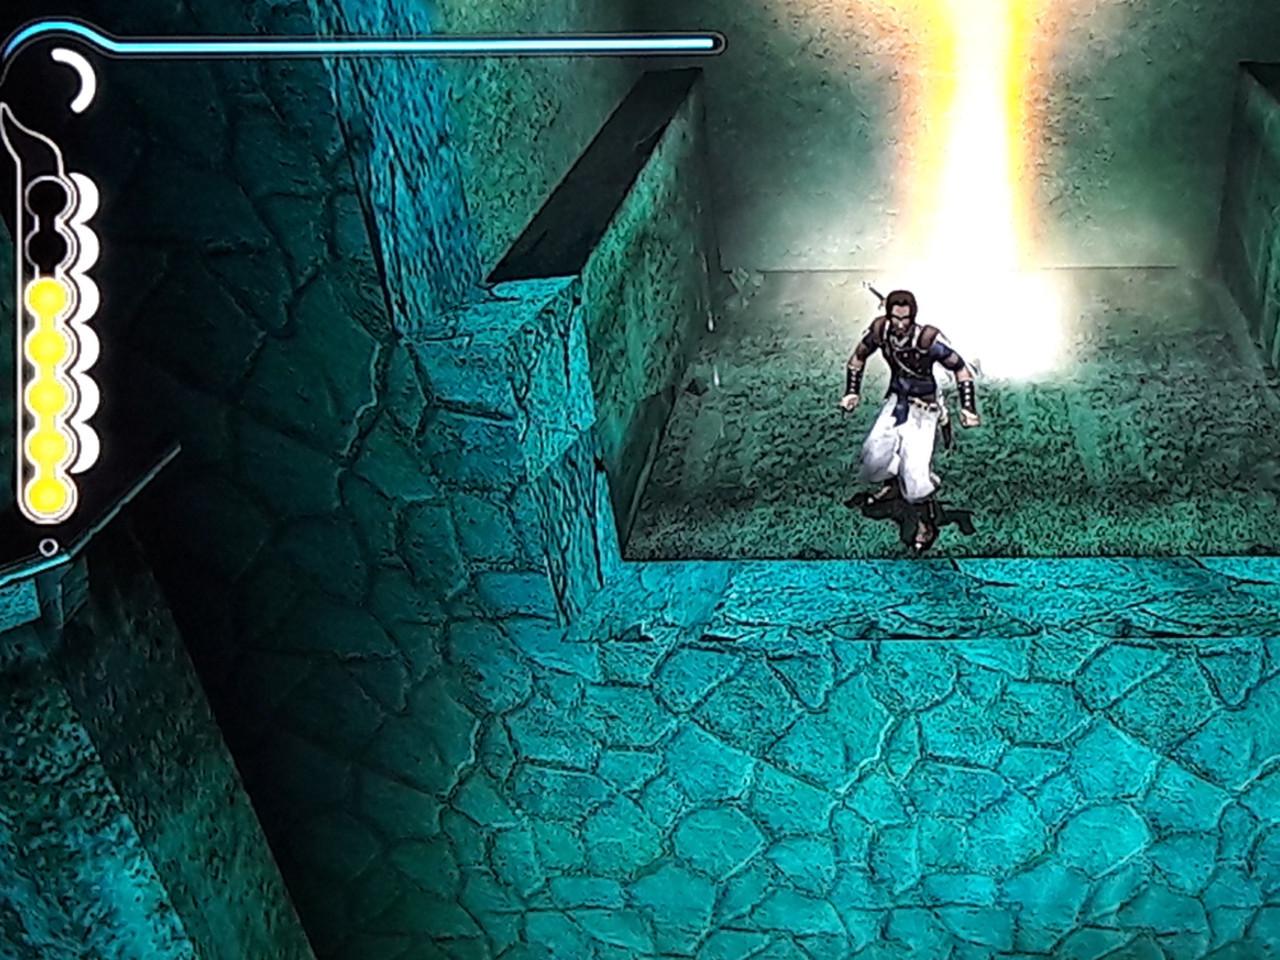 Das Spiel basiert, wie auch Beyond Good & Evil oder Rayman Raving Rabbids, auf der hauseigenen Jade Engine. (Bild: Michaela Rücker)